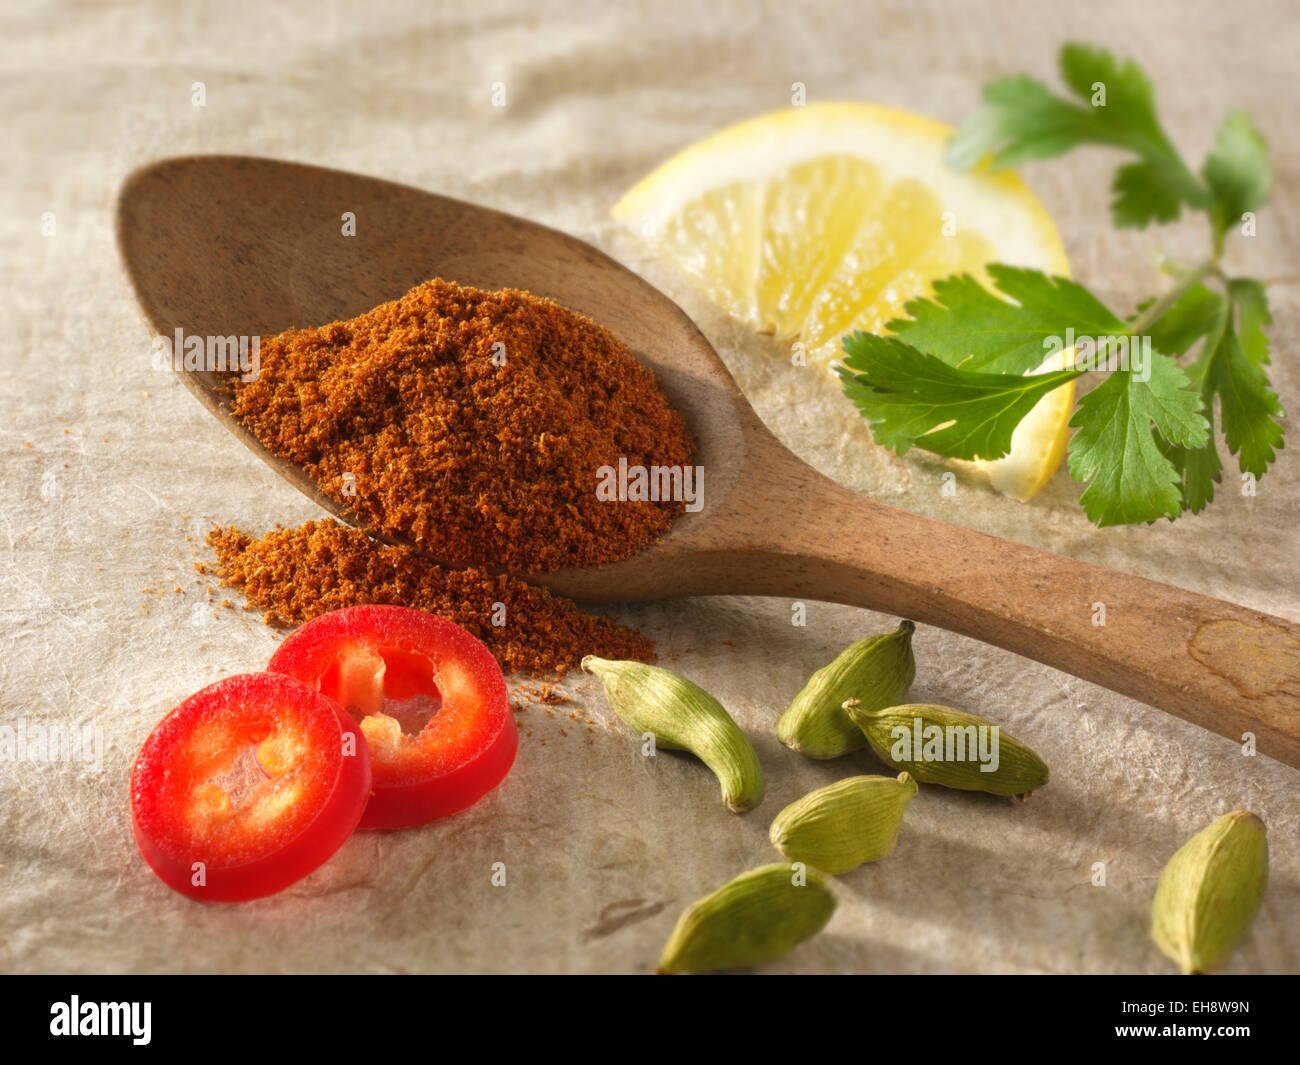 Fresh & tierra chiles con semillas de cardamomo, limón y cilantro. Especias indias arreglo compuesto. Foto de stock